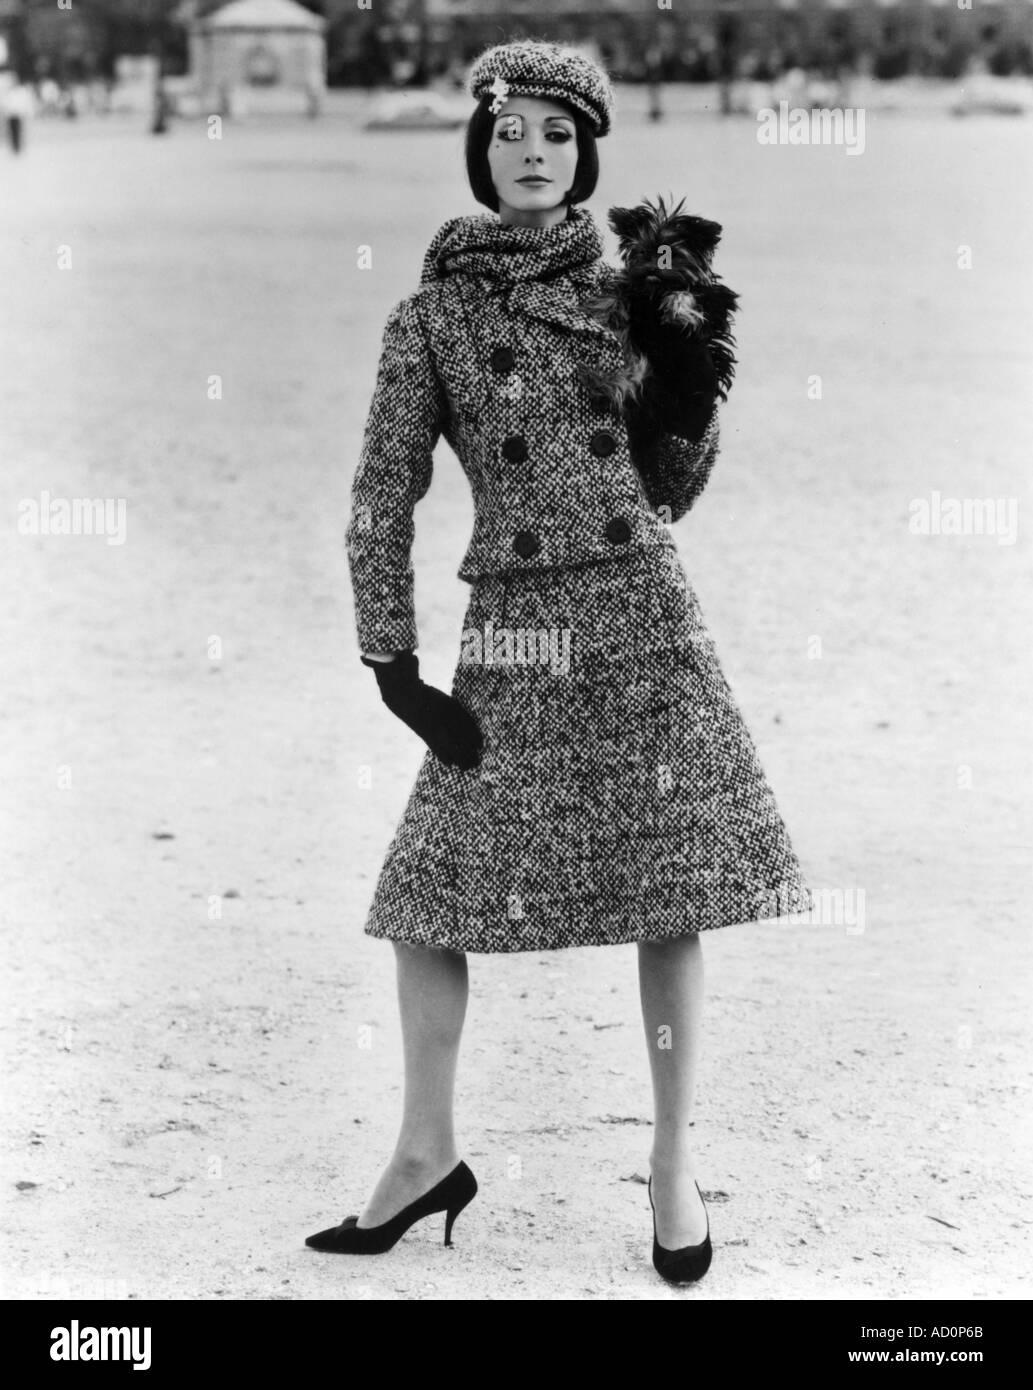 Costume de Tweed par Christian Dior, Paris. Photo par John French, Londres, Angleterre, 1961. Photo Stock